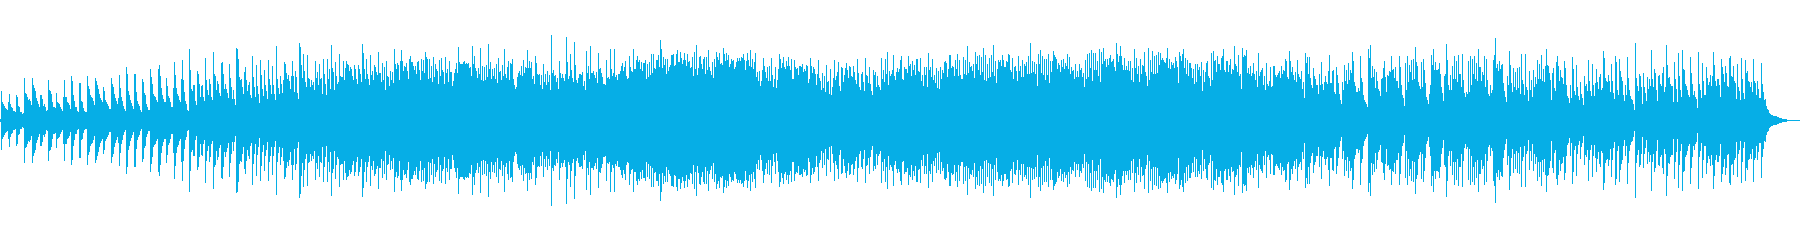 パッヘルベルのカノン、和風、琴ver.の再生済みの波形